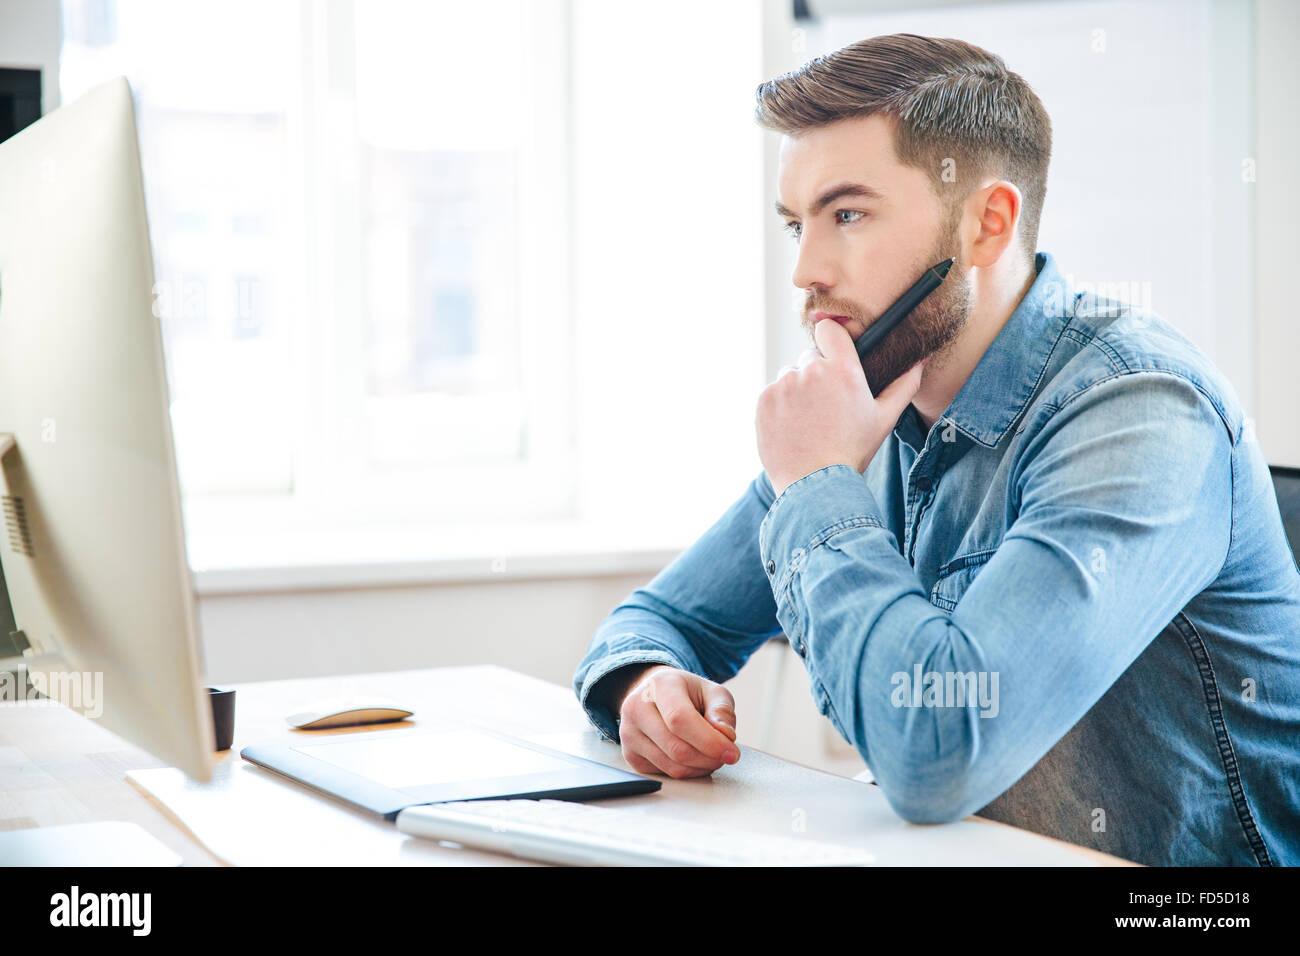 Malinconici attraente maschio barbuto designer in jeans shirt pensare e rendere blueprint utilizzando una penna Immagini Stock